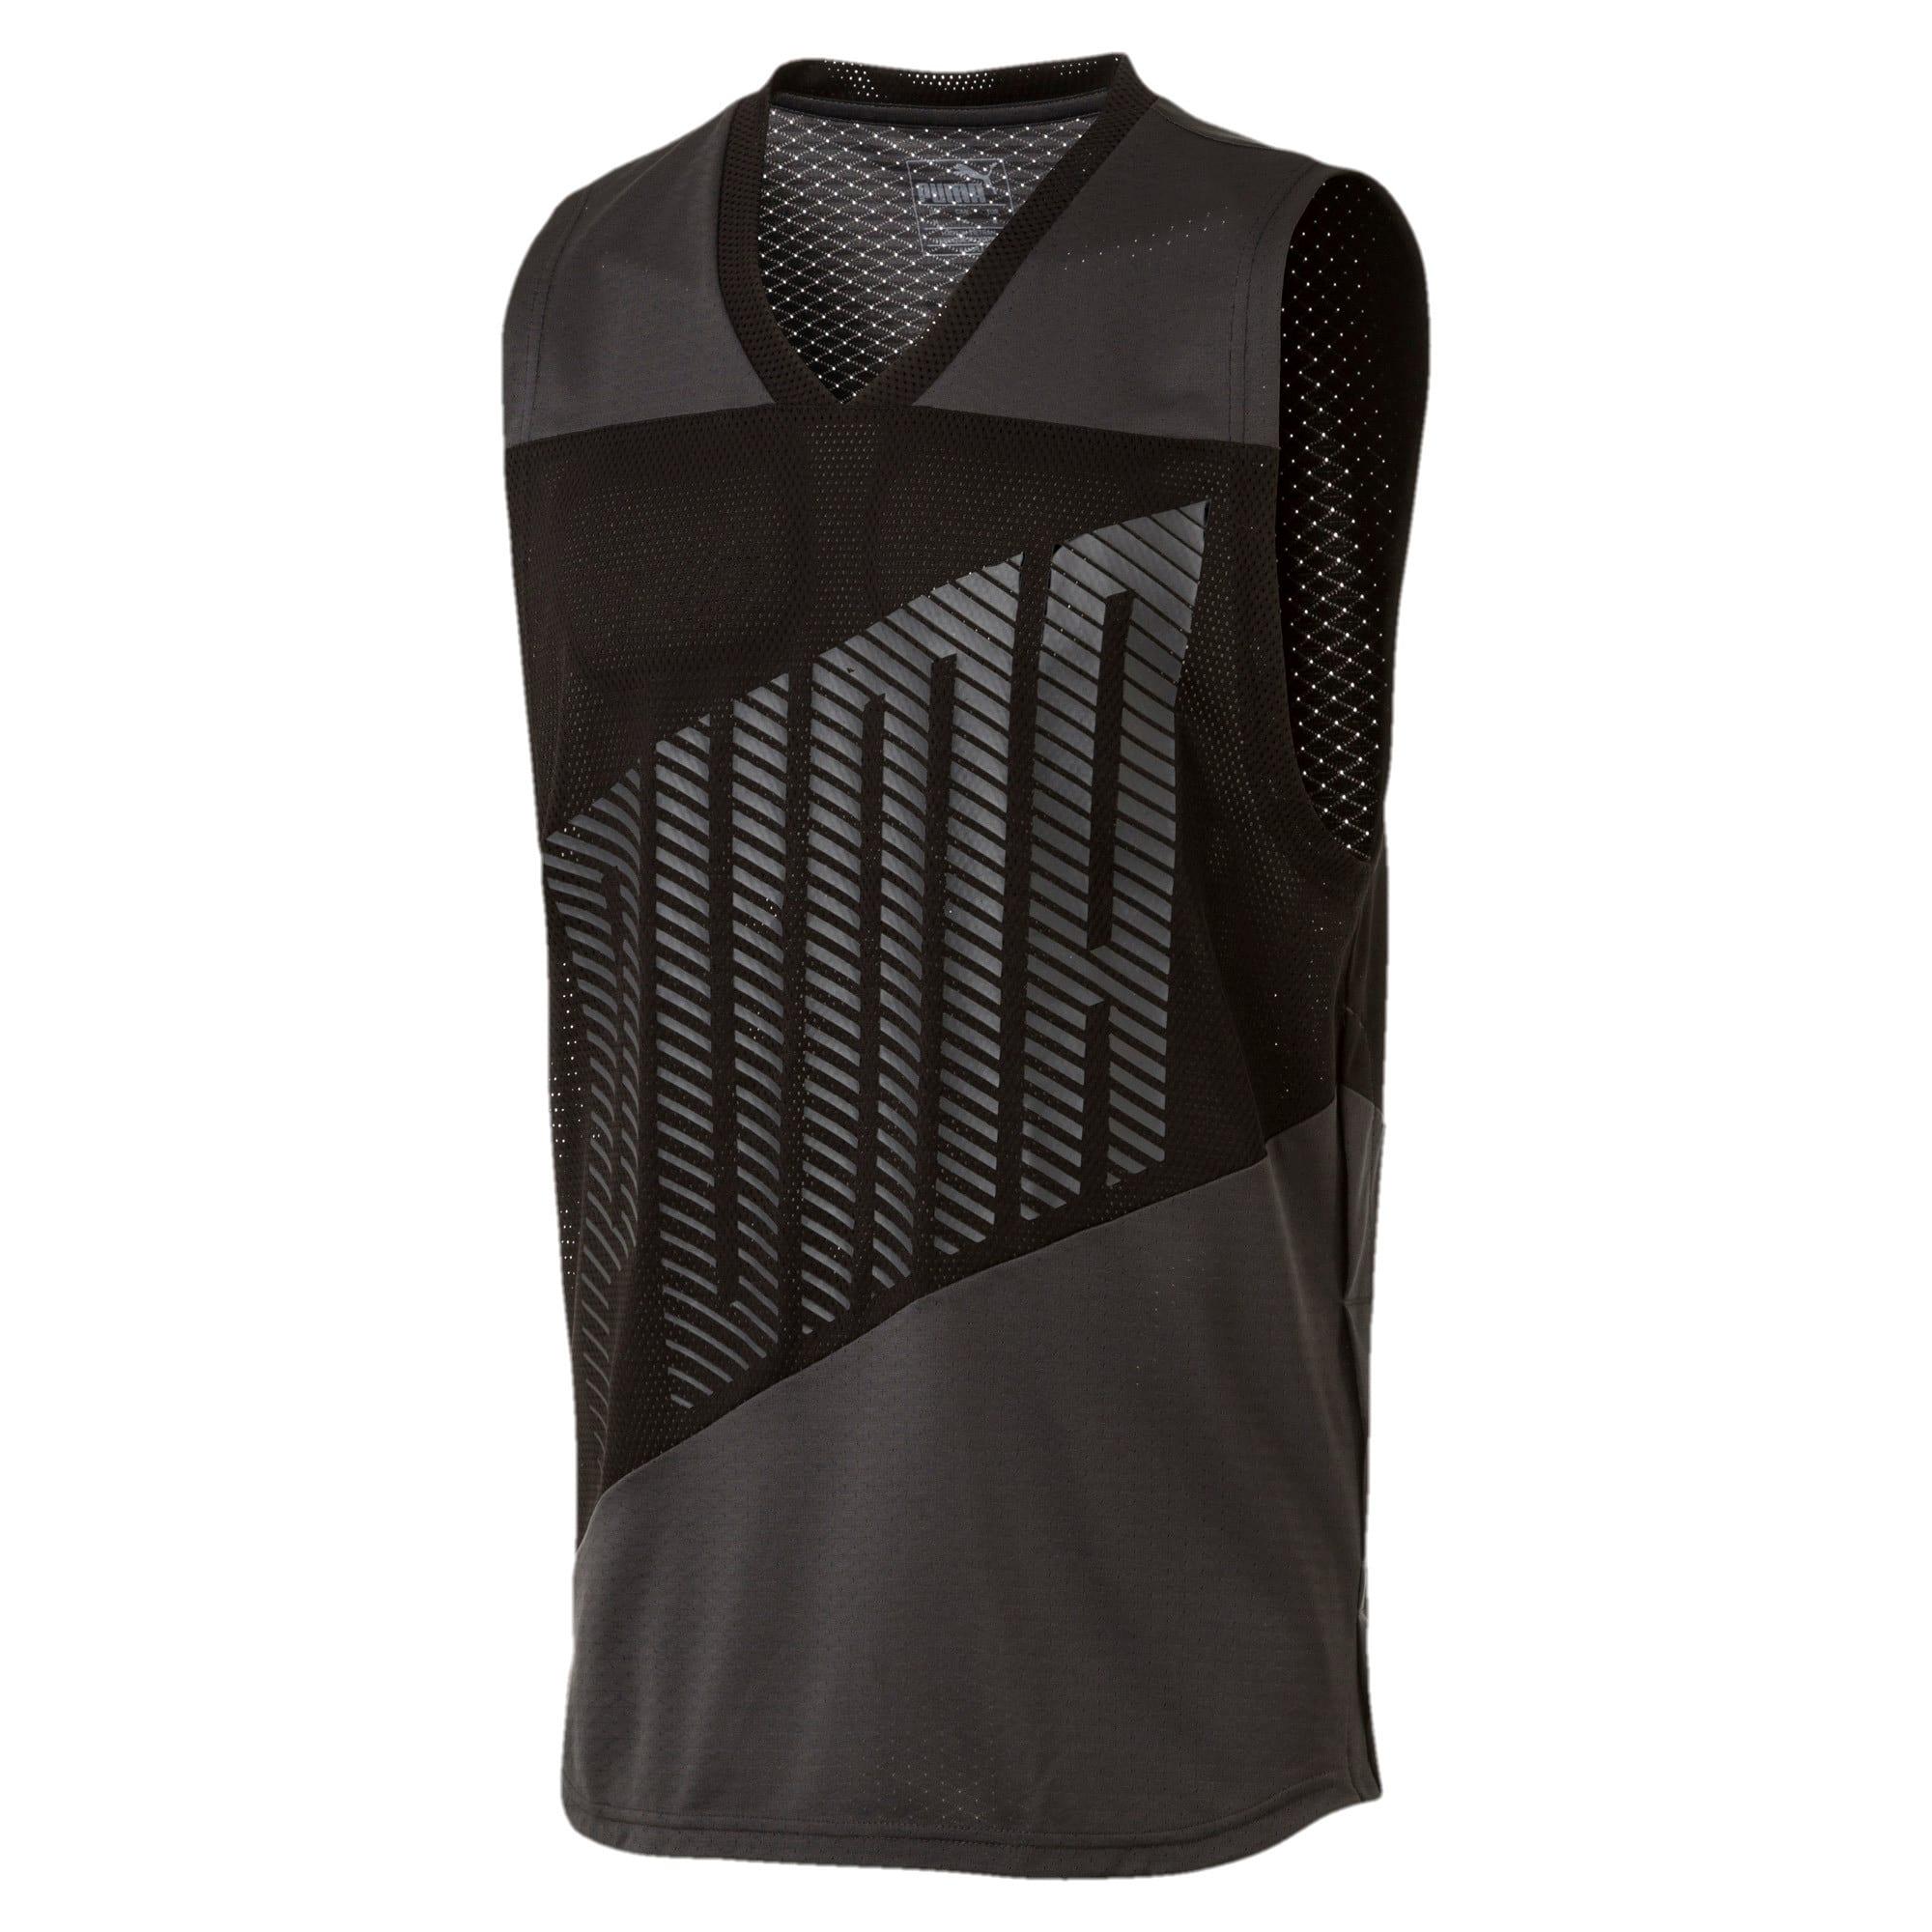 Miniatura 2 de Camiseta sin mangas A.C.E. para hombre, Asphalt-Puma Black, mediano